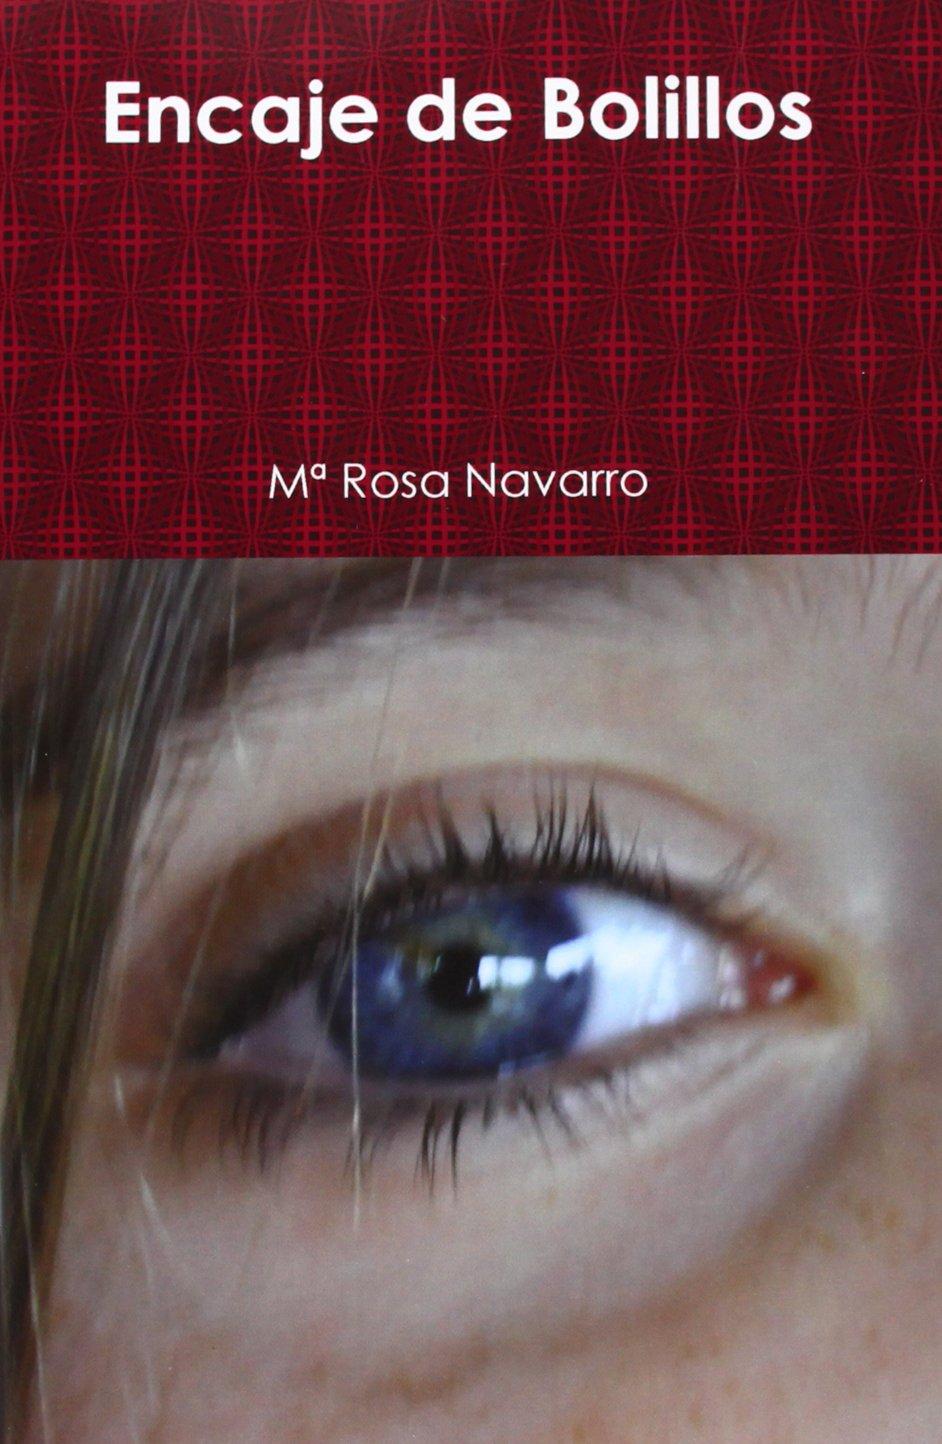 Encaje de Bolillos (Spanish Edition): Mª Rosa Navarro: 9781291028089: Amazon.com: Books